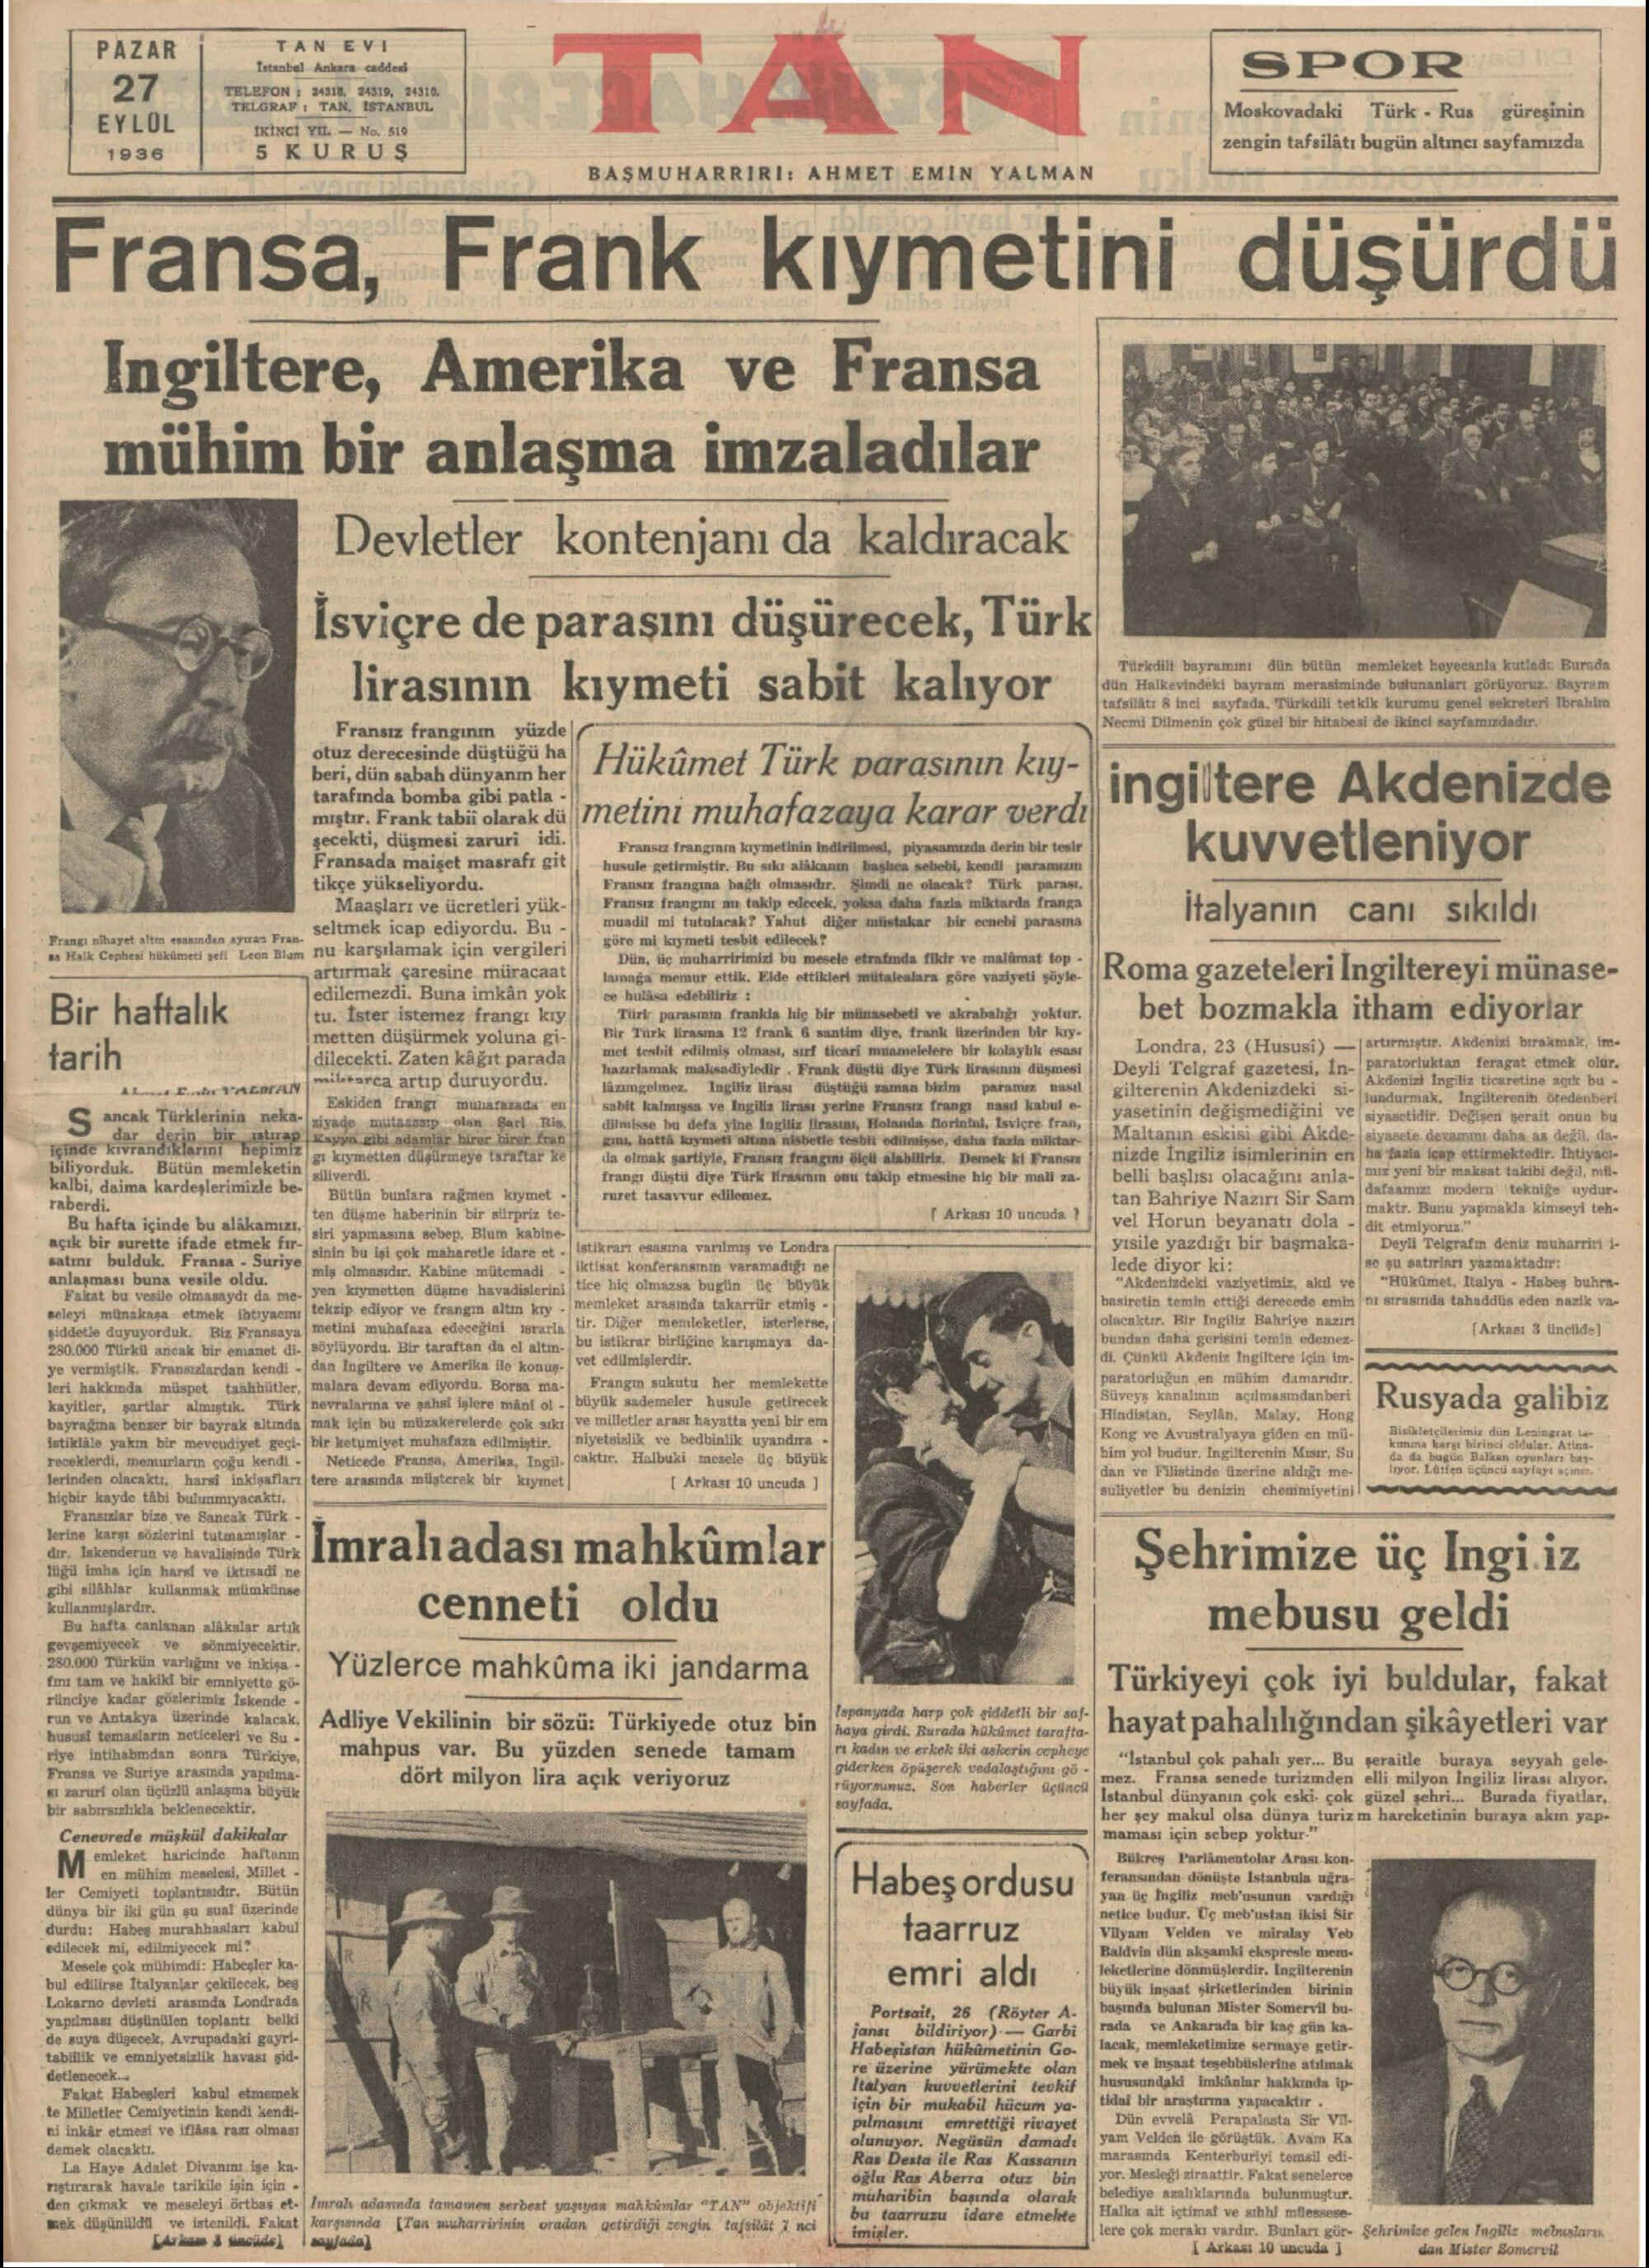 27 Eylül 1936 Tarihli Tan Gazetesi Sayfa 1